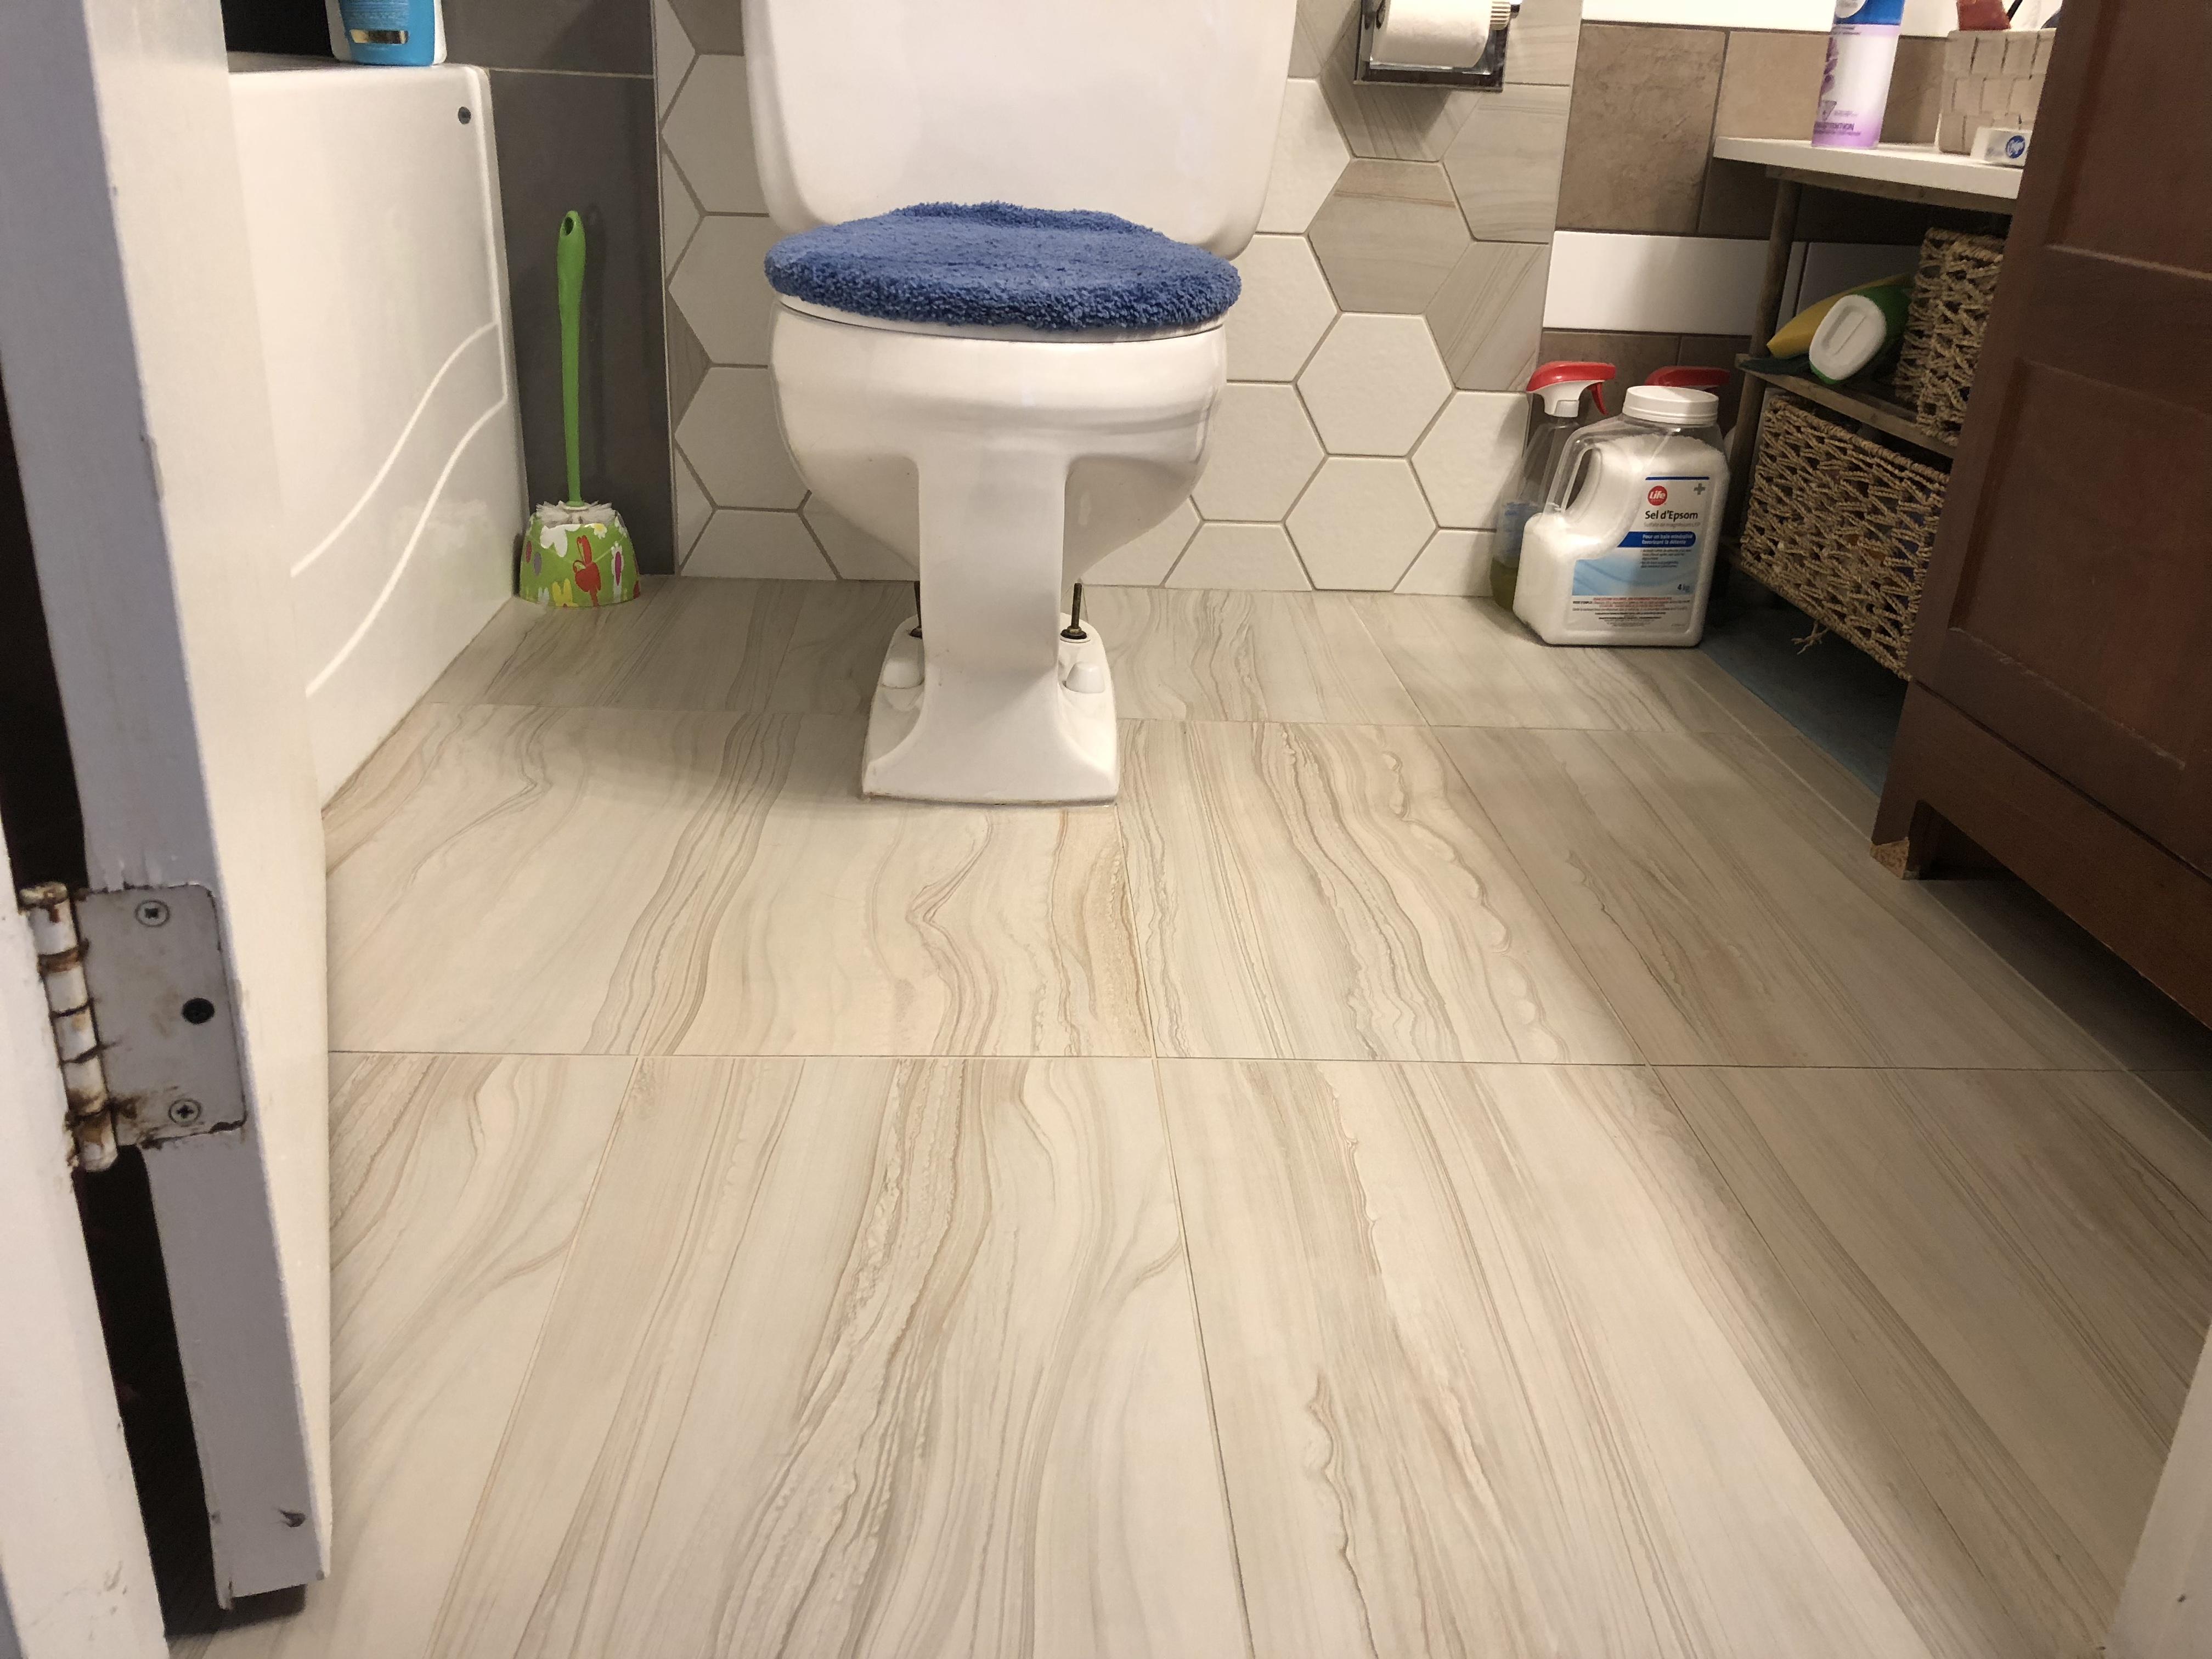 Bathroom floor reno (after)